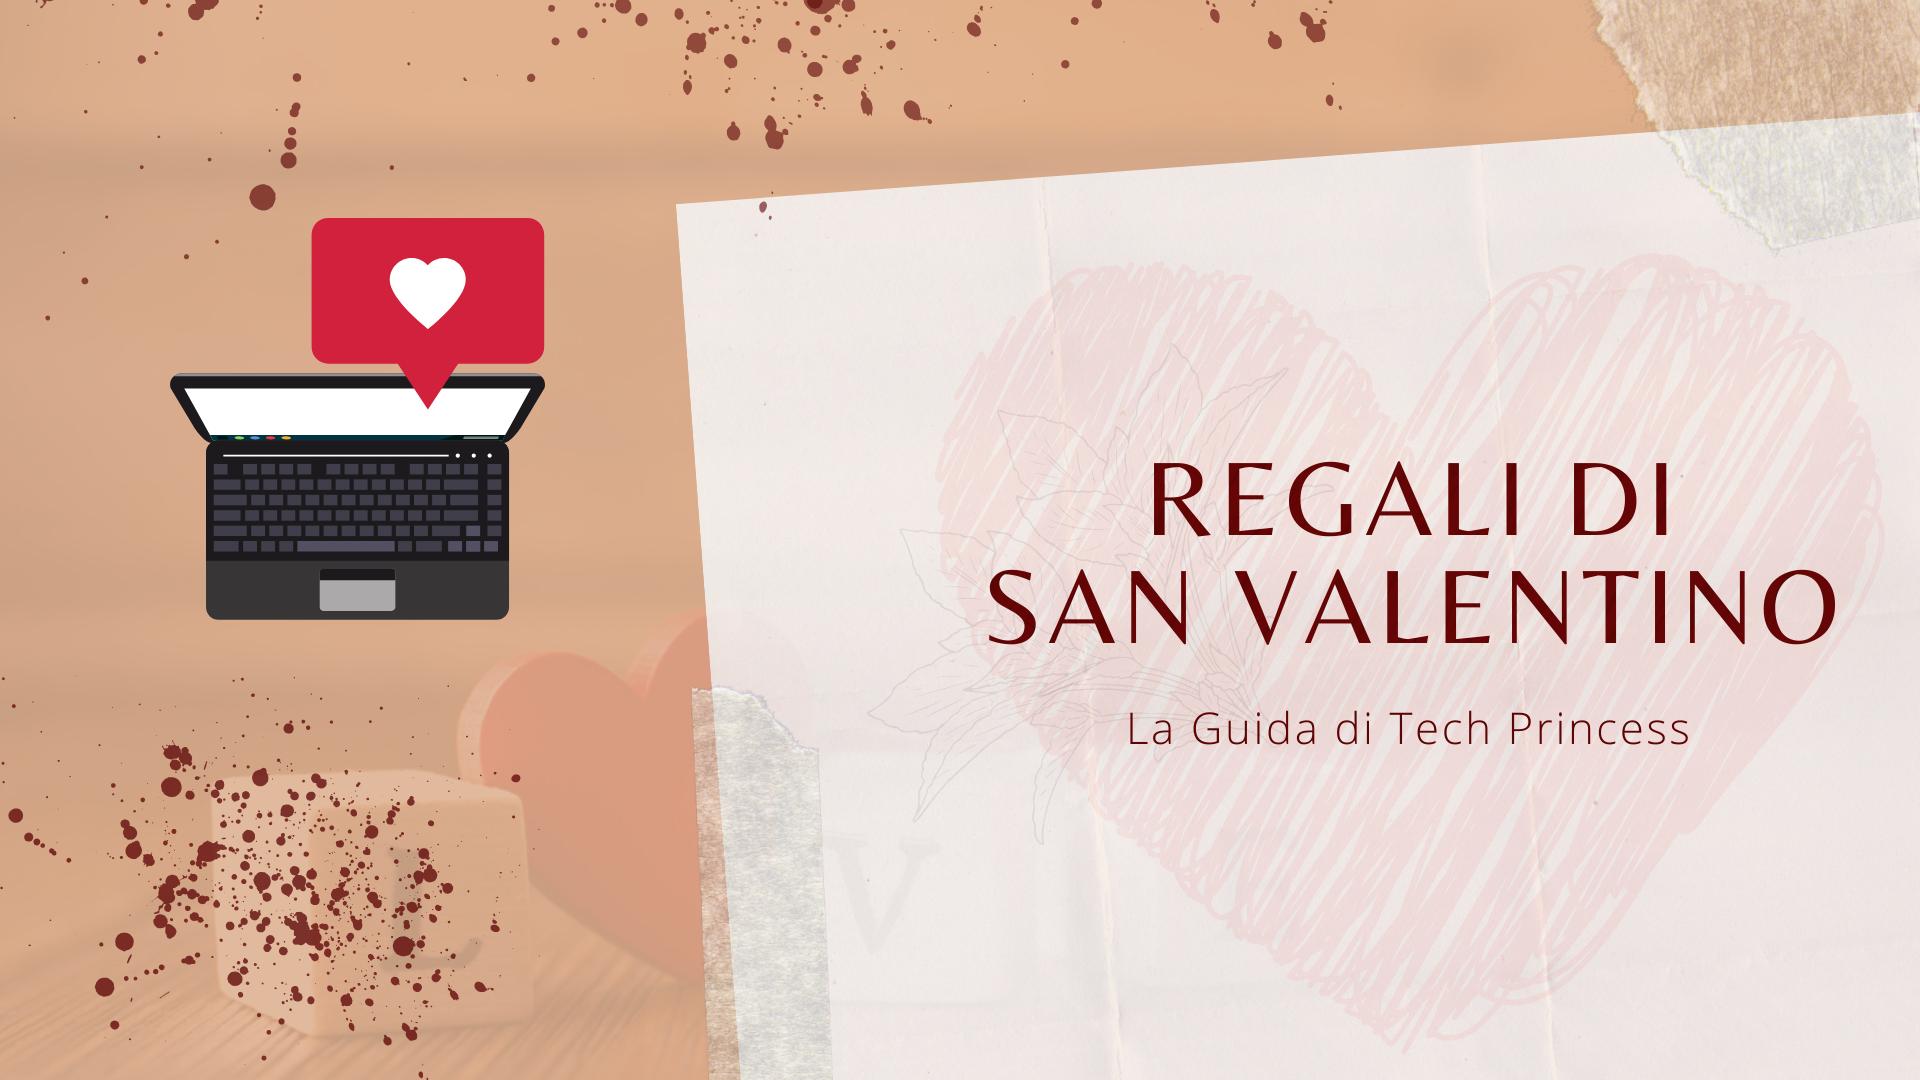 Regali San Valentino: la nostra guida agli acquisti thumbnail